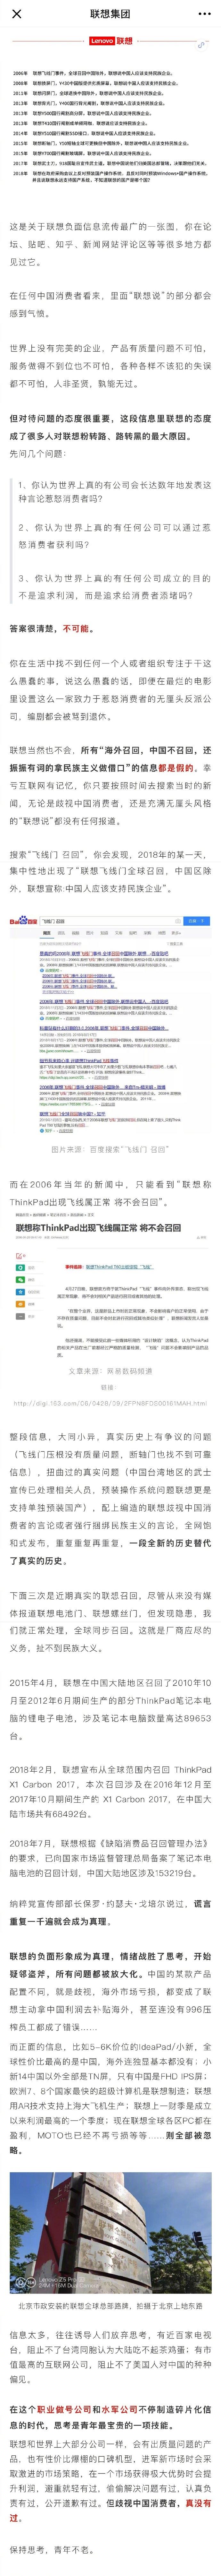 联想发文回应称:歧视中国消费者,真没有过